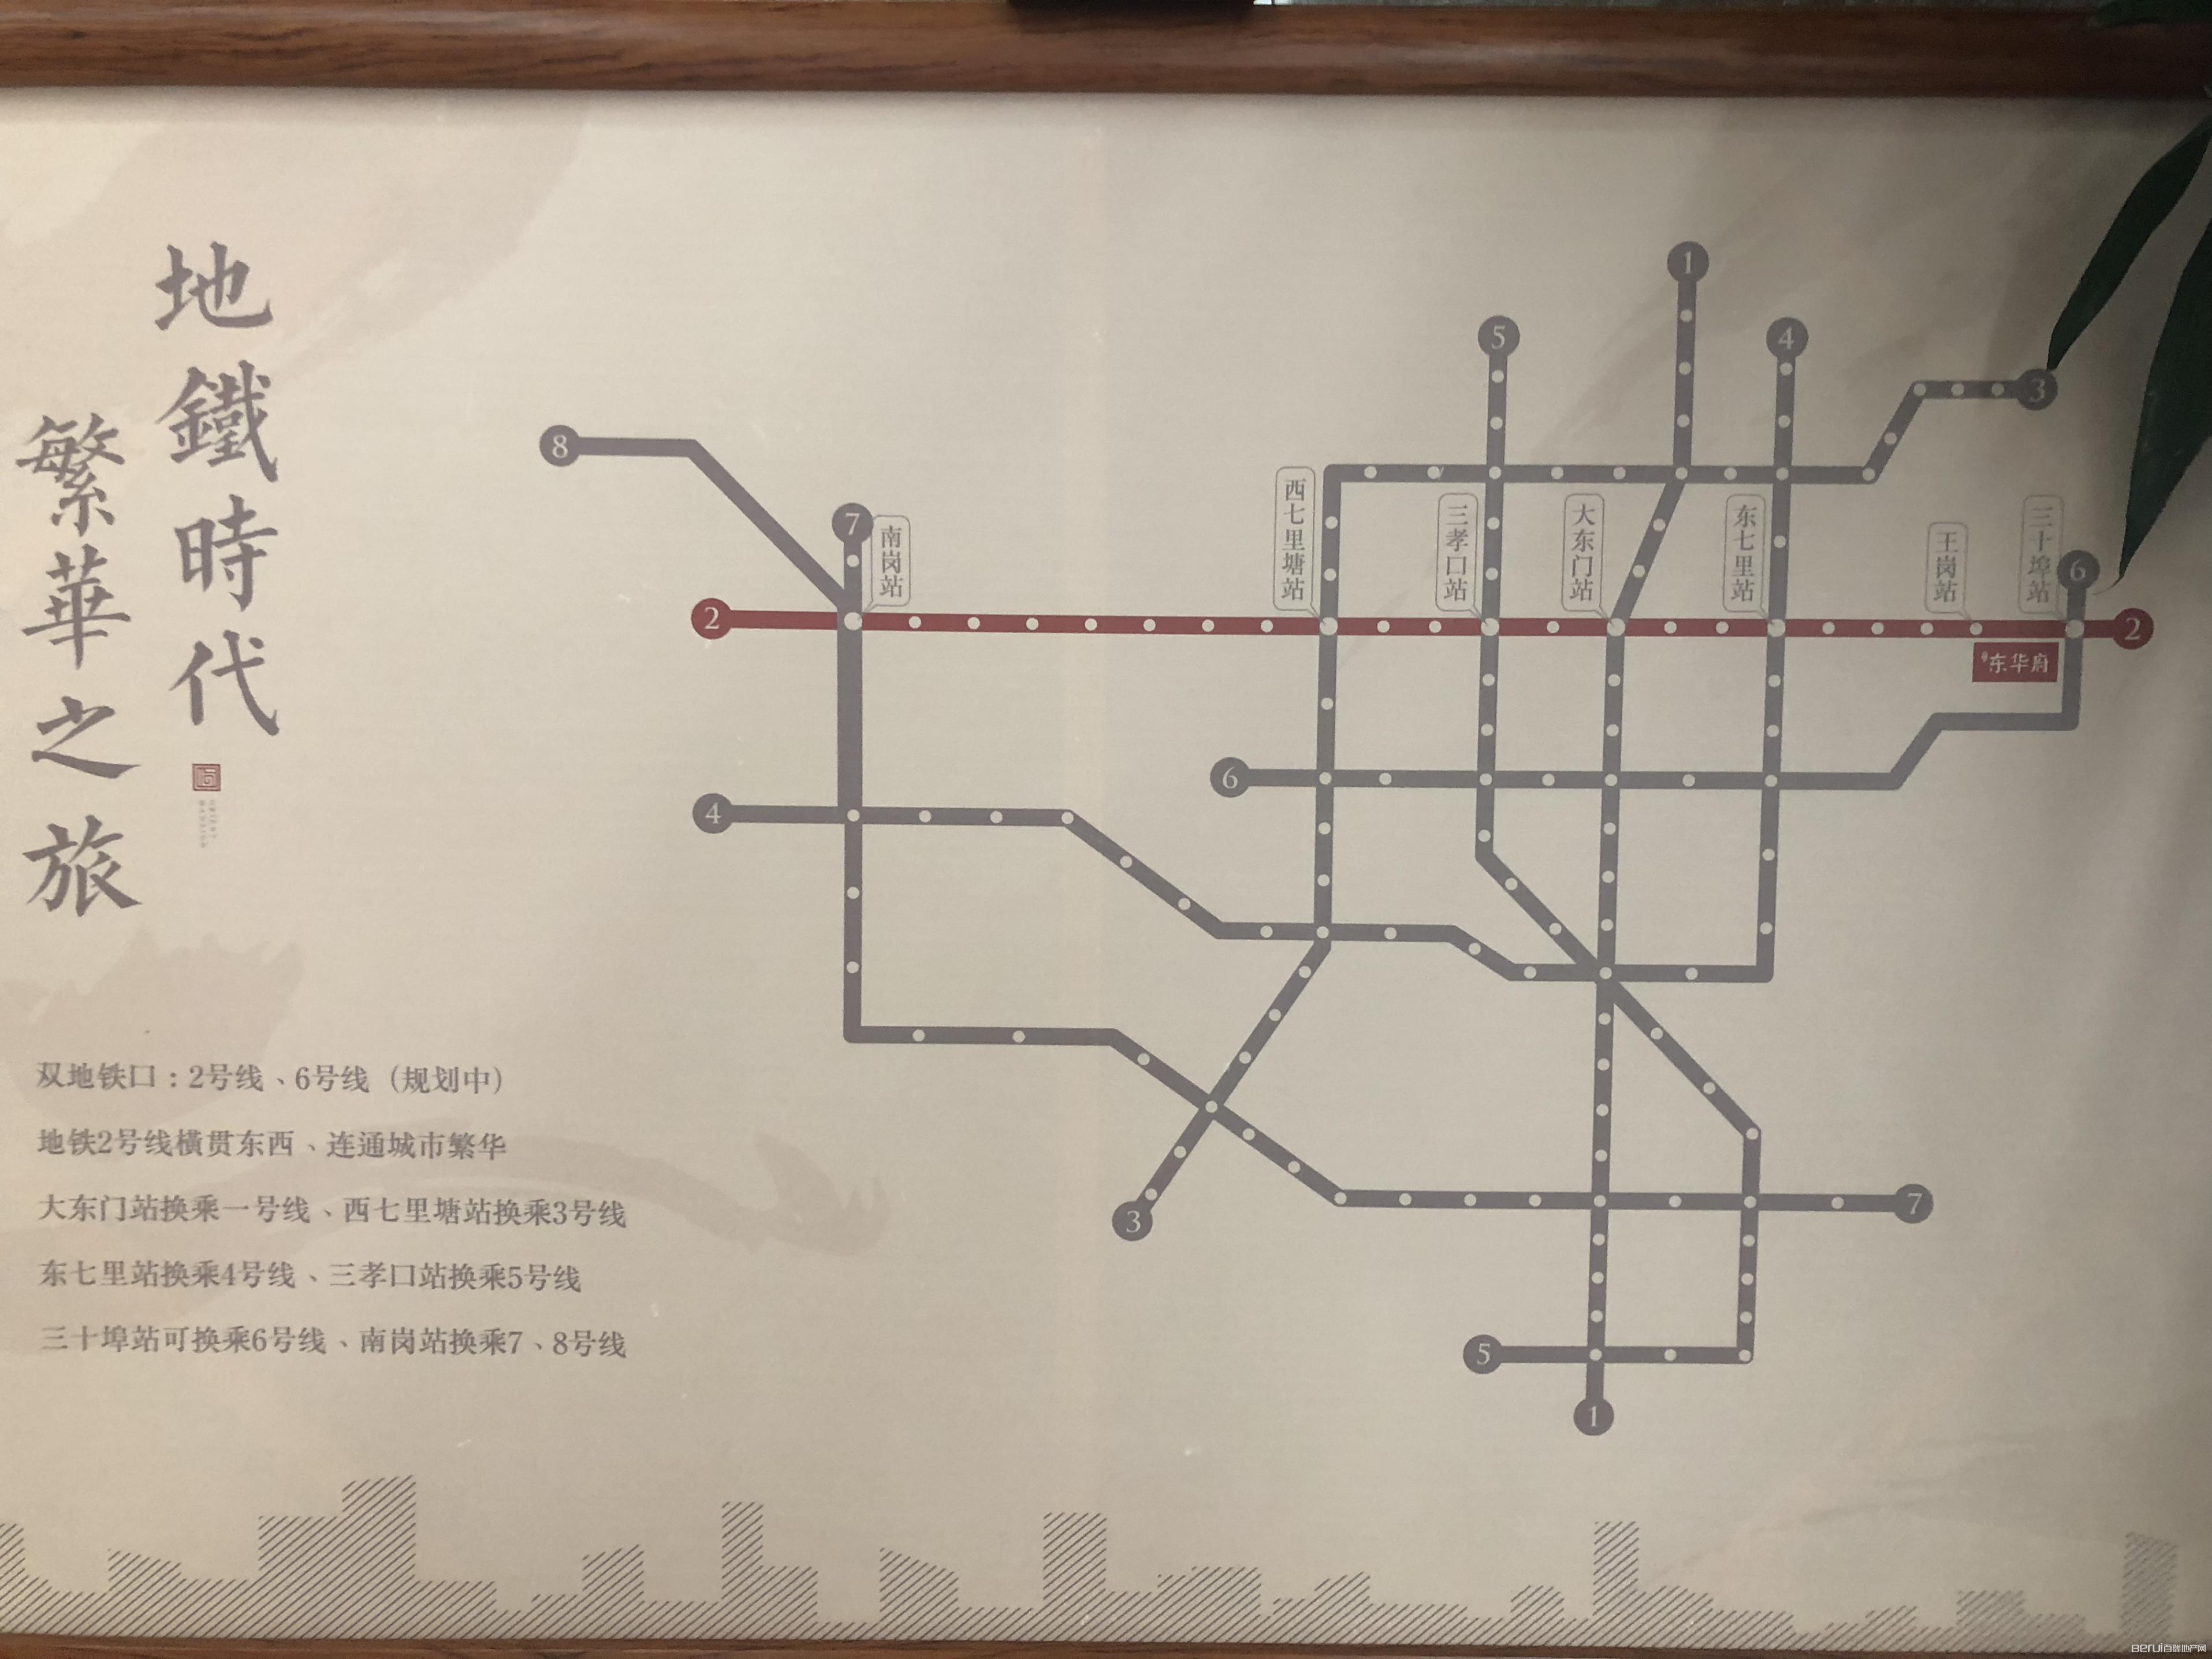 城建琥珀东华府周边地铁配套